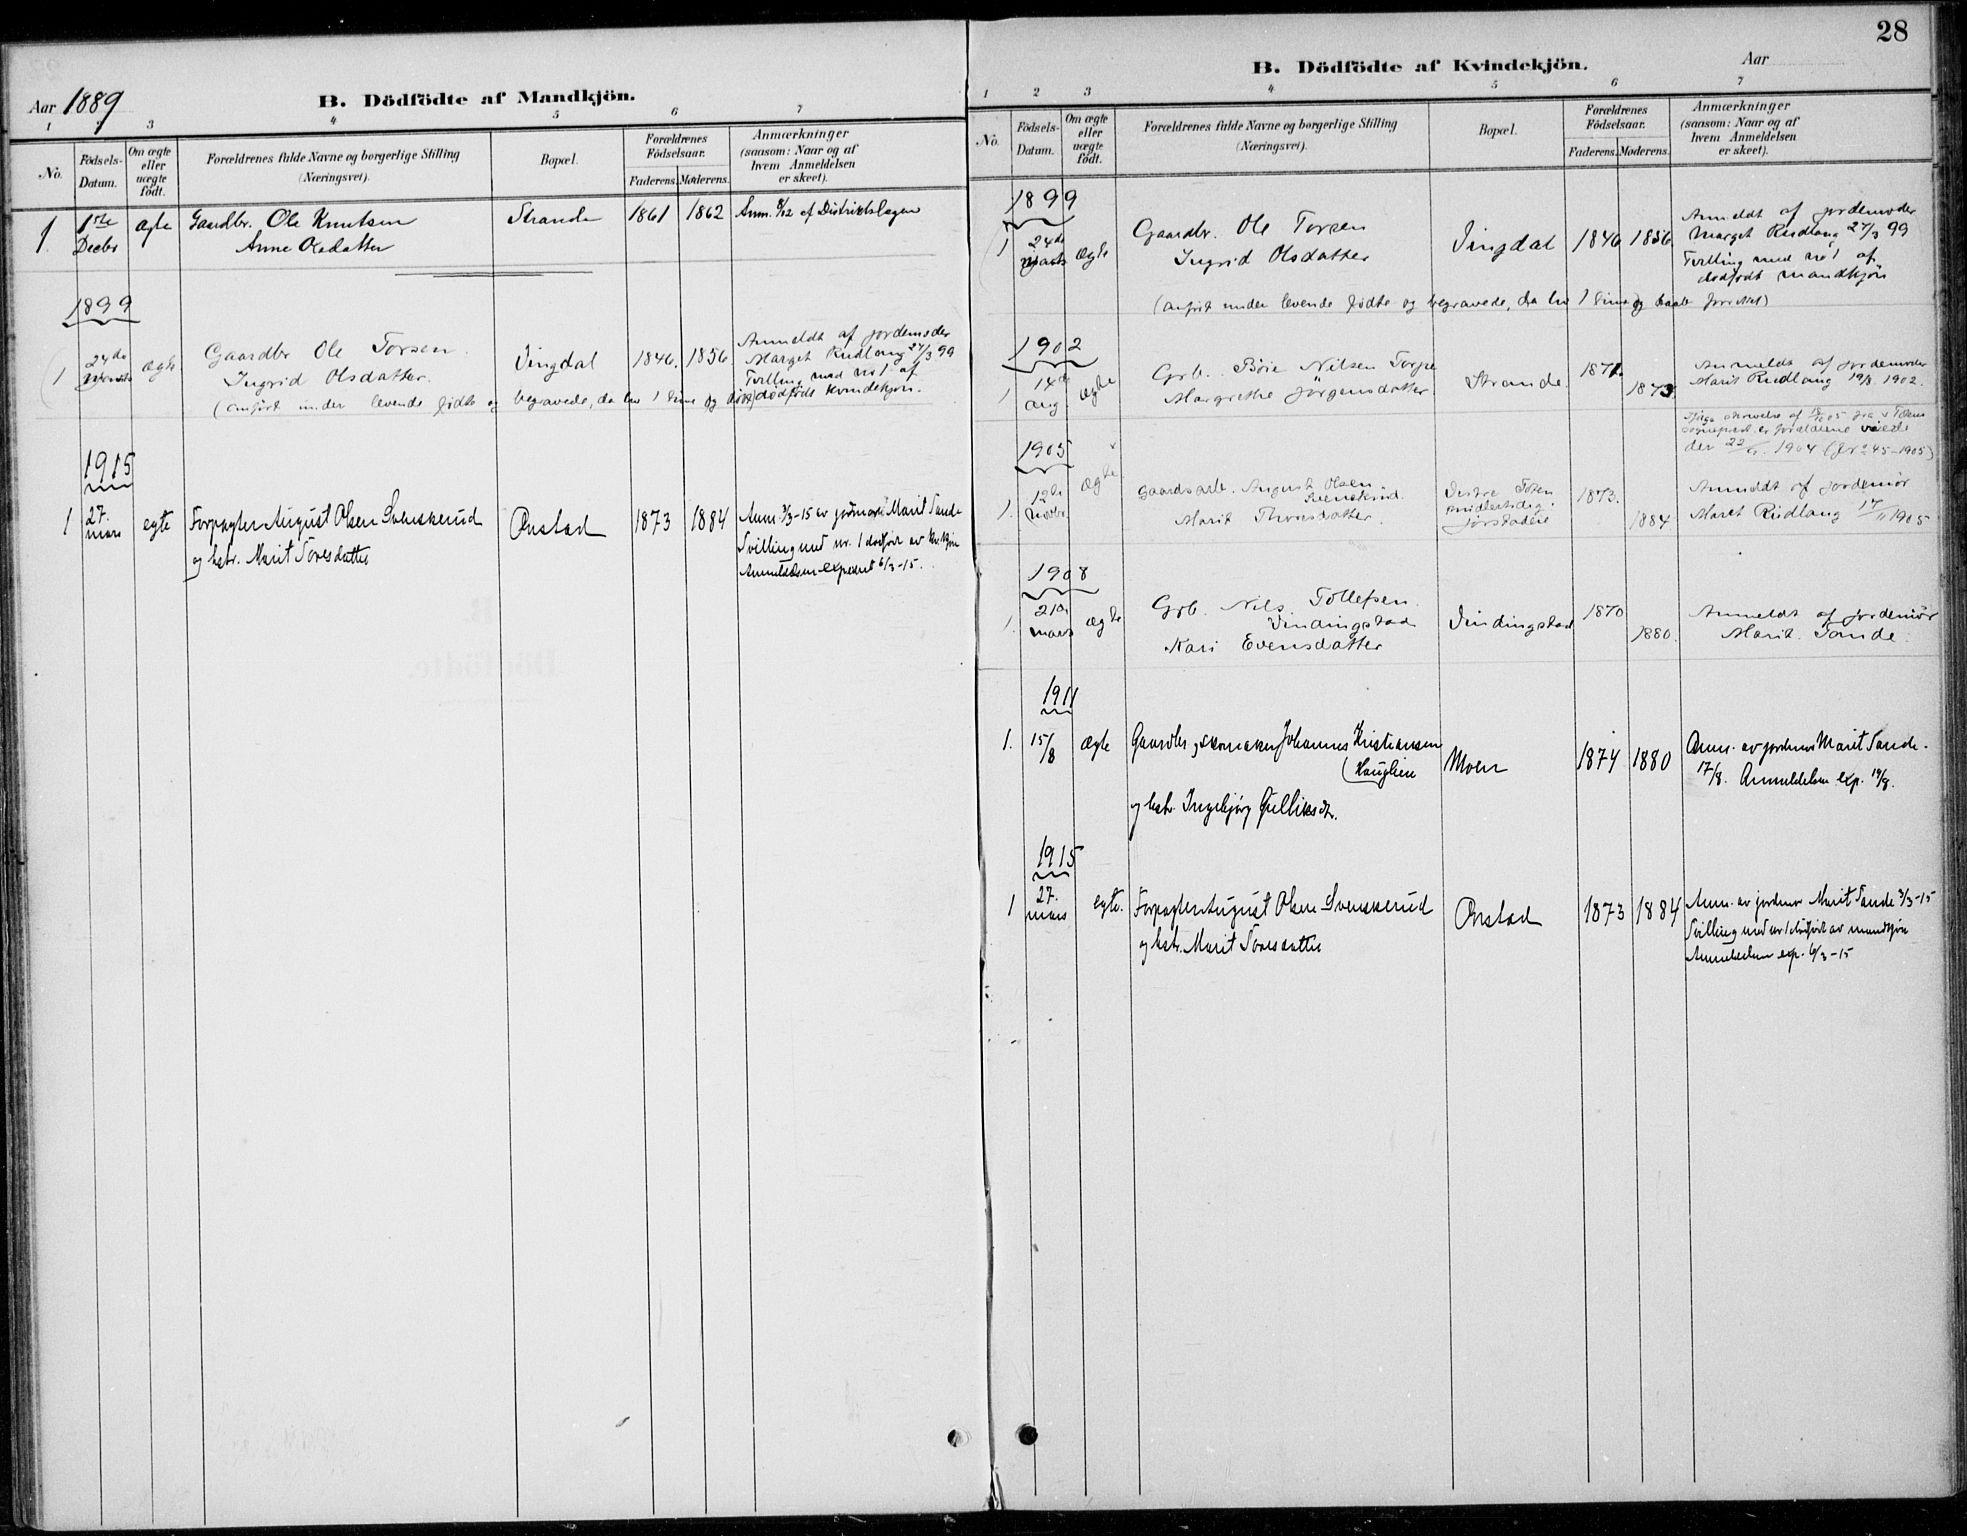 SAH, Øystre Slidre prestekontor, Ministerialbok nr. 5, 1887-1916, s. 28